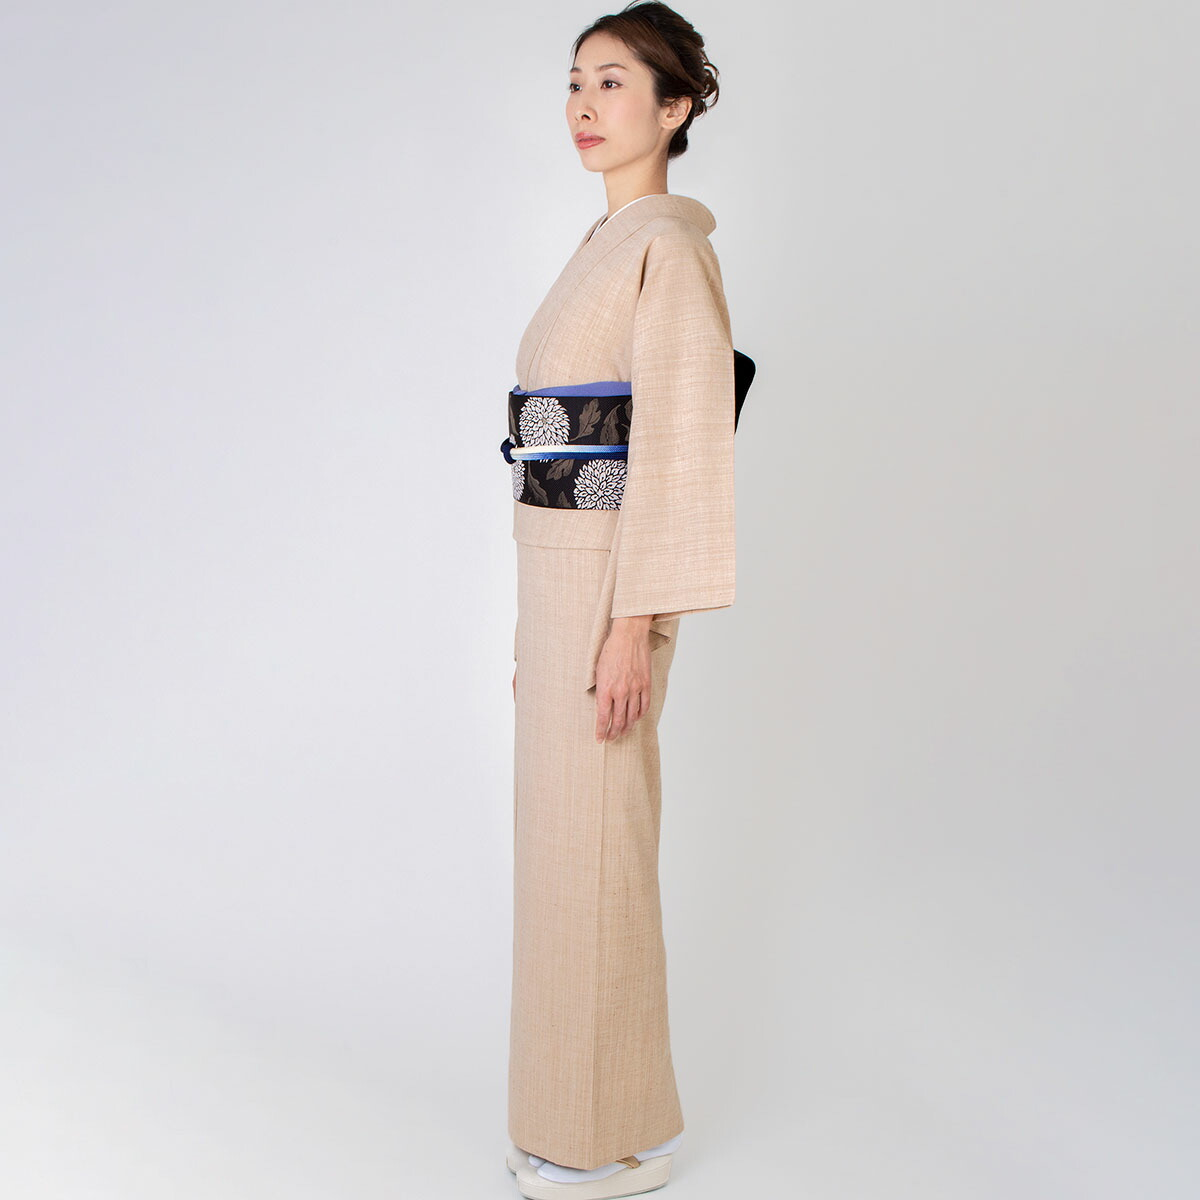 デニム着物【オーガニックミルクティ】